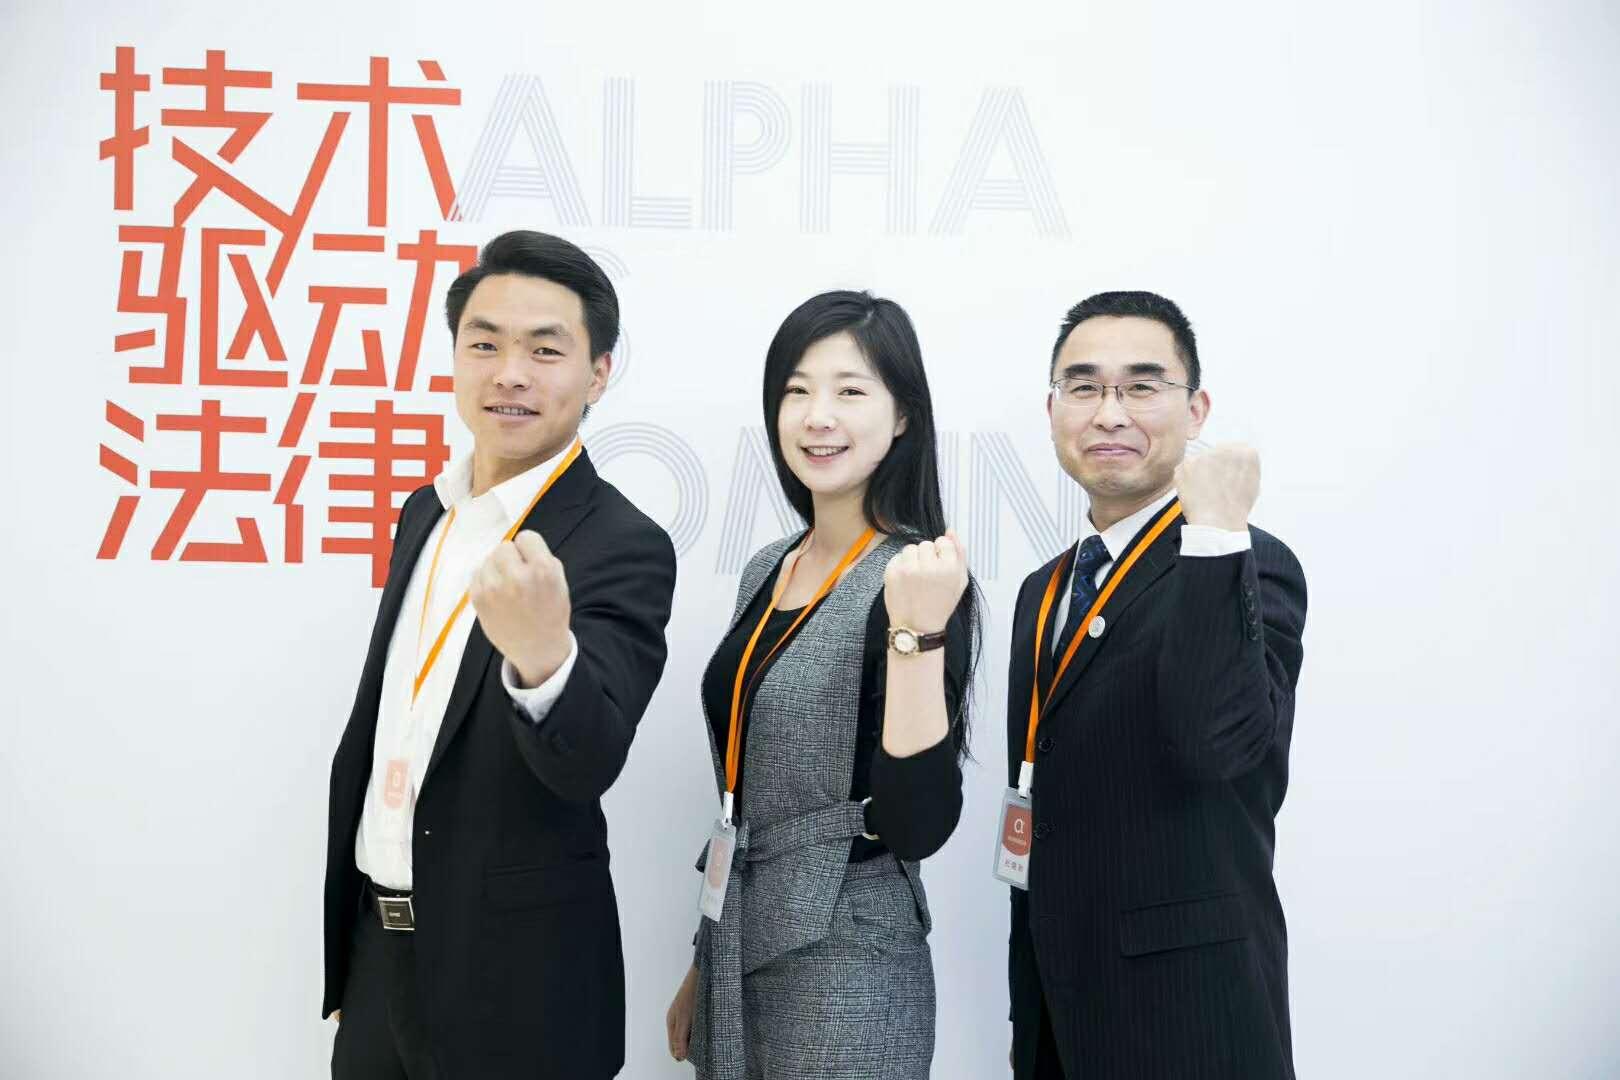 可靠的昆明律师服务就在云南上首_昆明律师